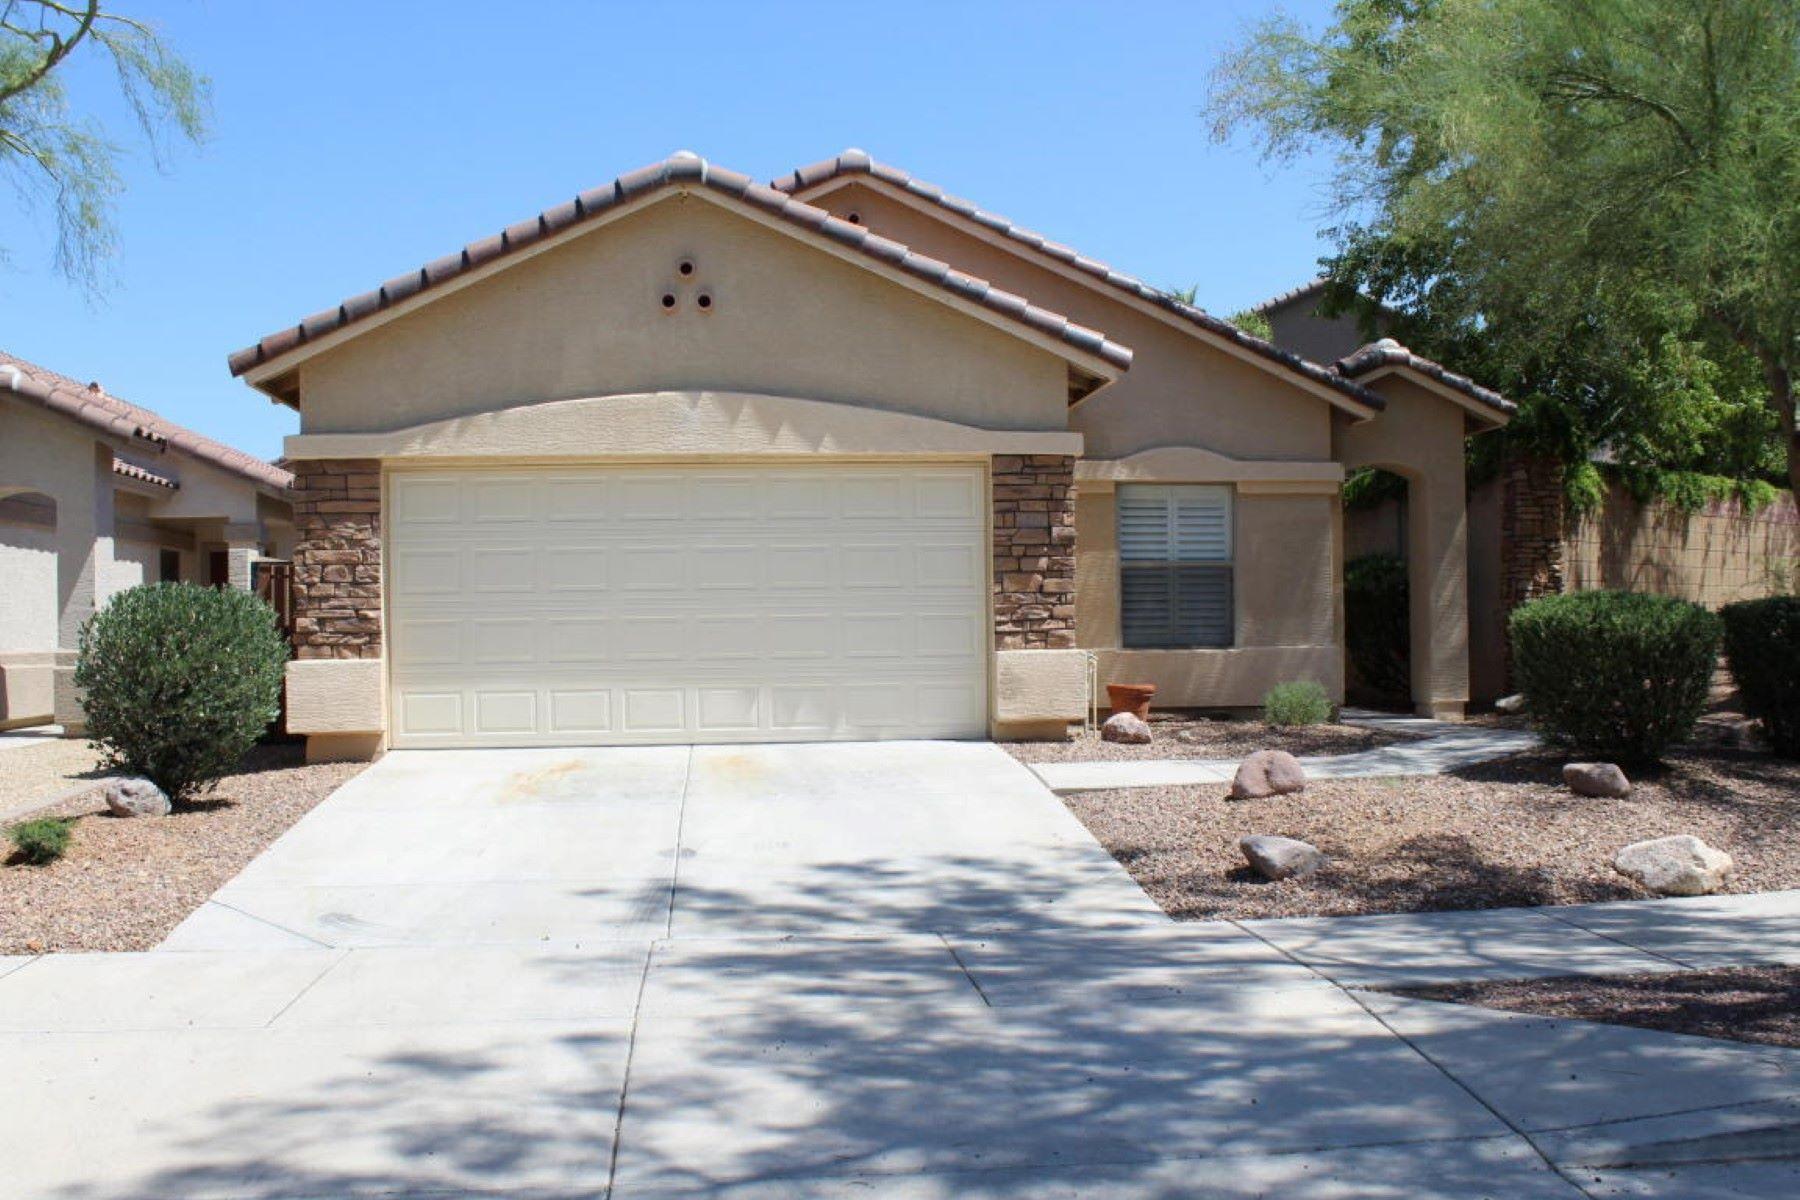 واحد منزل الأسرة للـ Rent في Great 3 Bedroom Home With Den 2566 W Woburn Ln, Phoenix, Arizona, 85085 United States